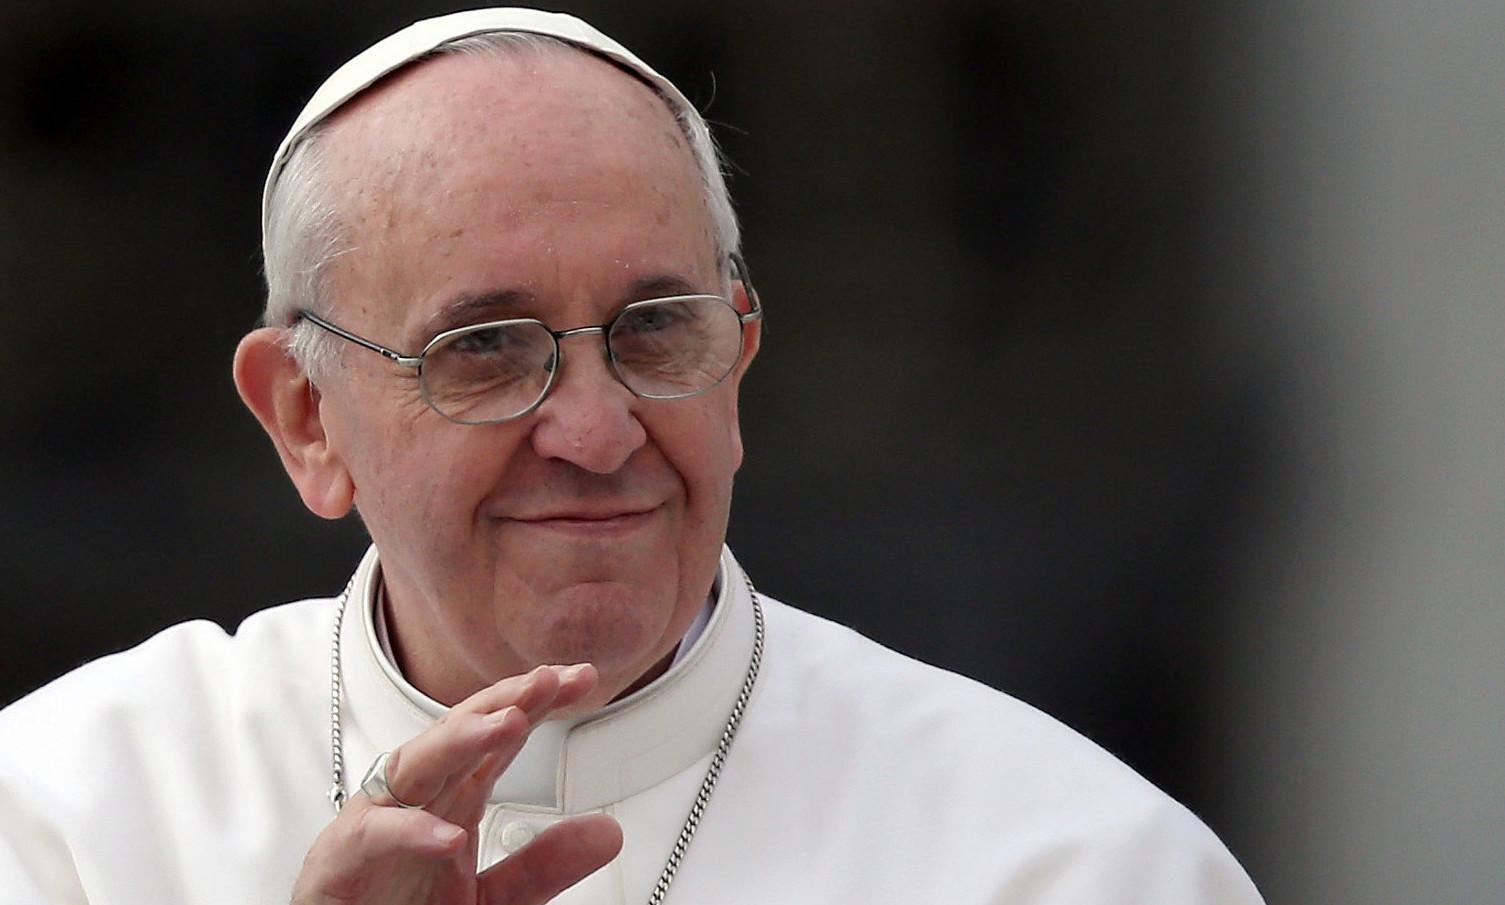 L'omosessualità e il Papa